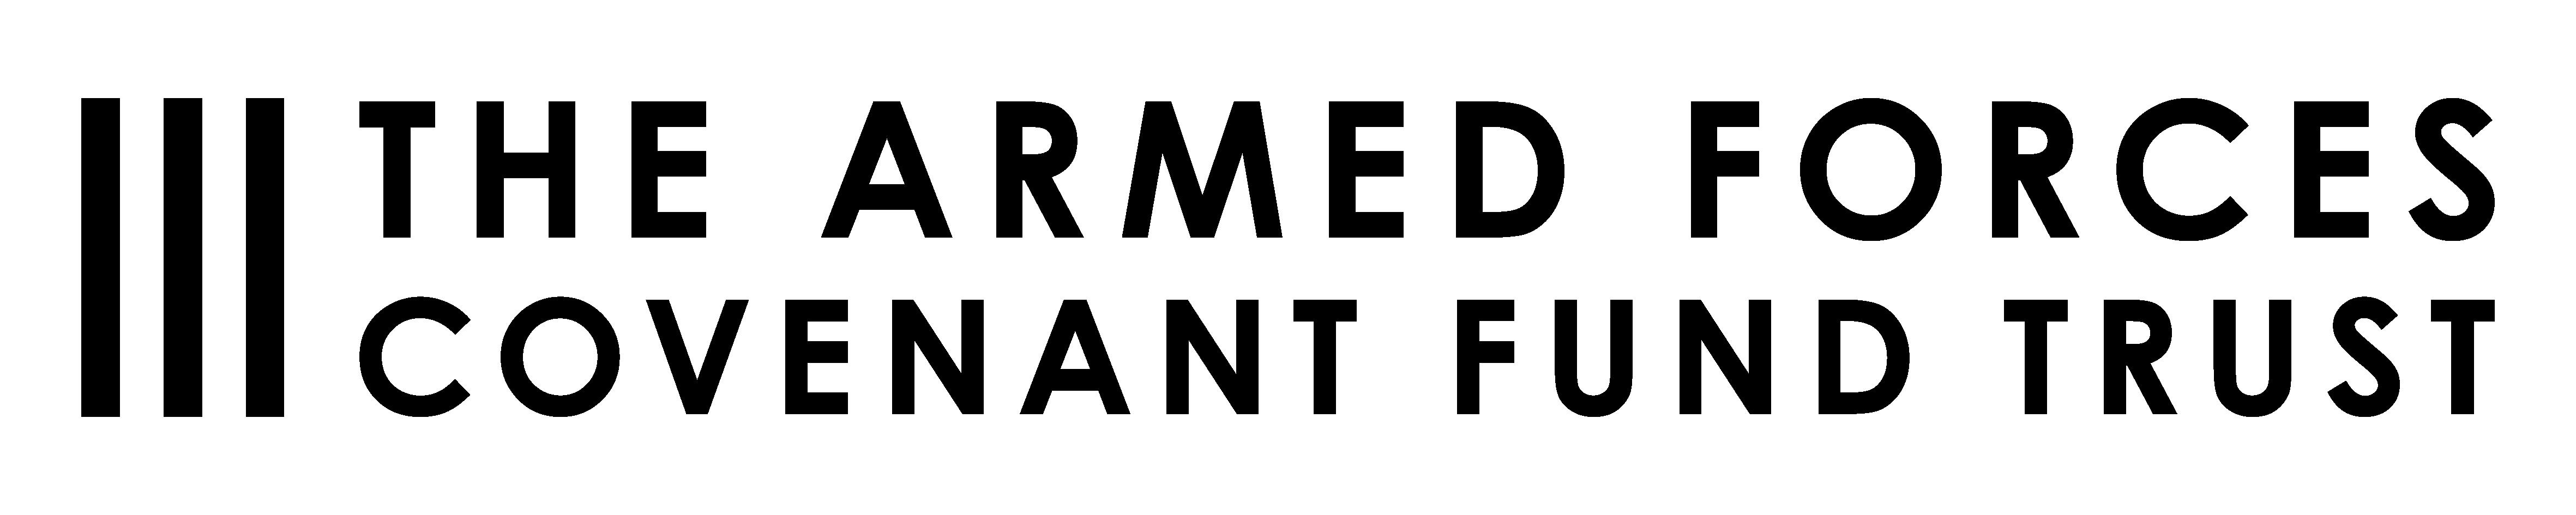 Armed Forces Covenant Fund Trust logo, black, transparent background